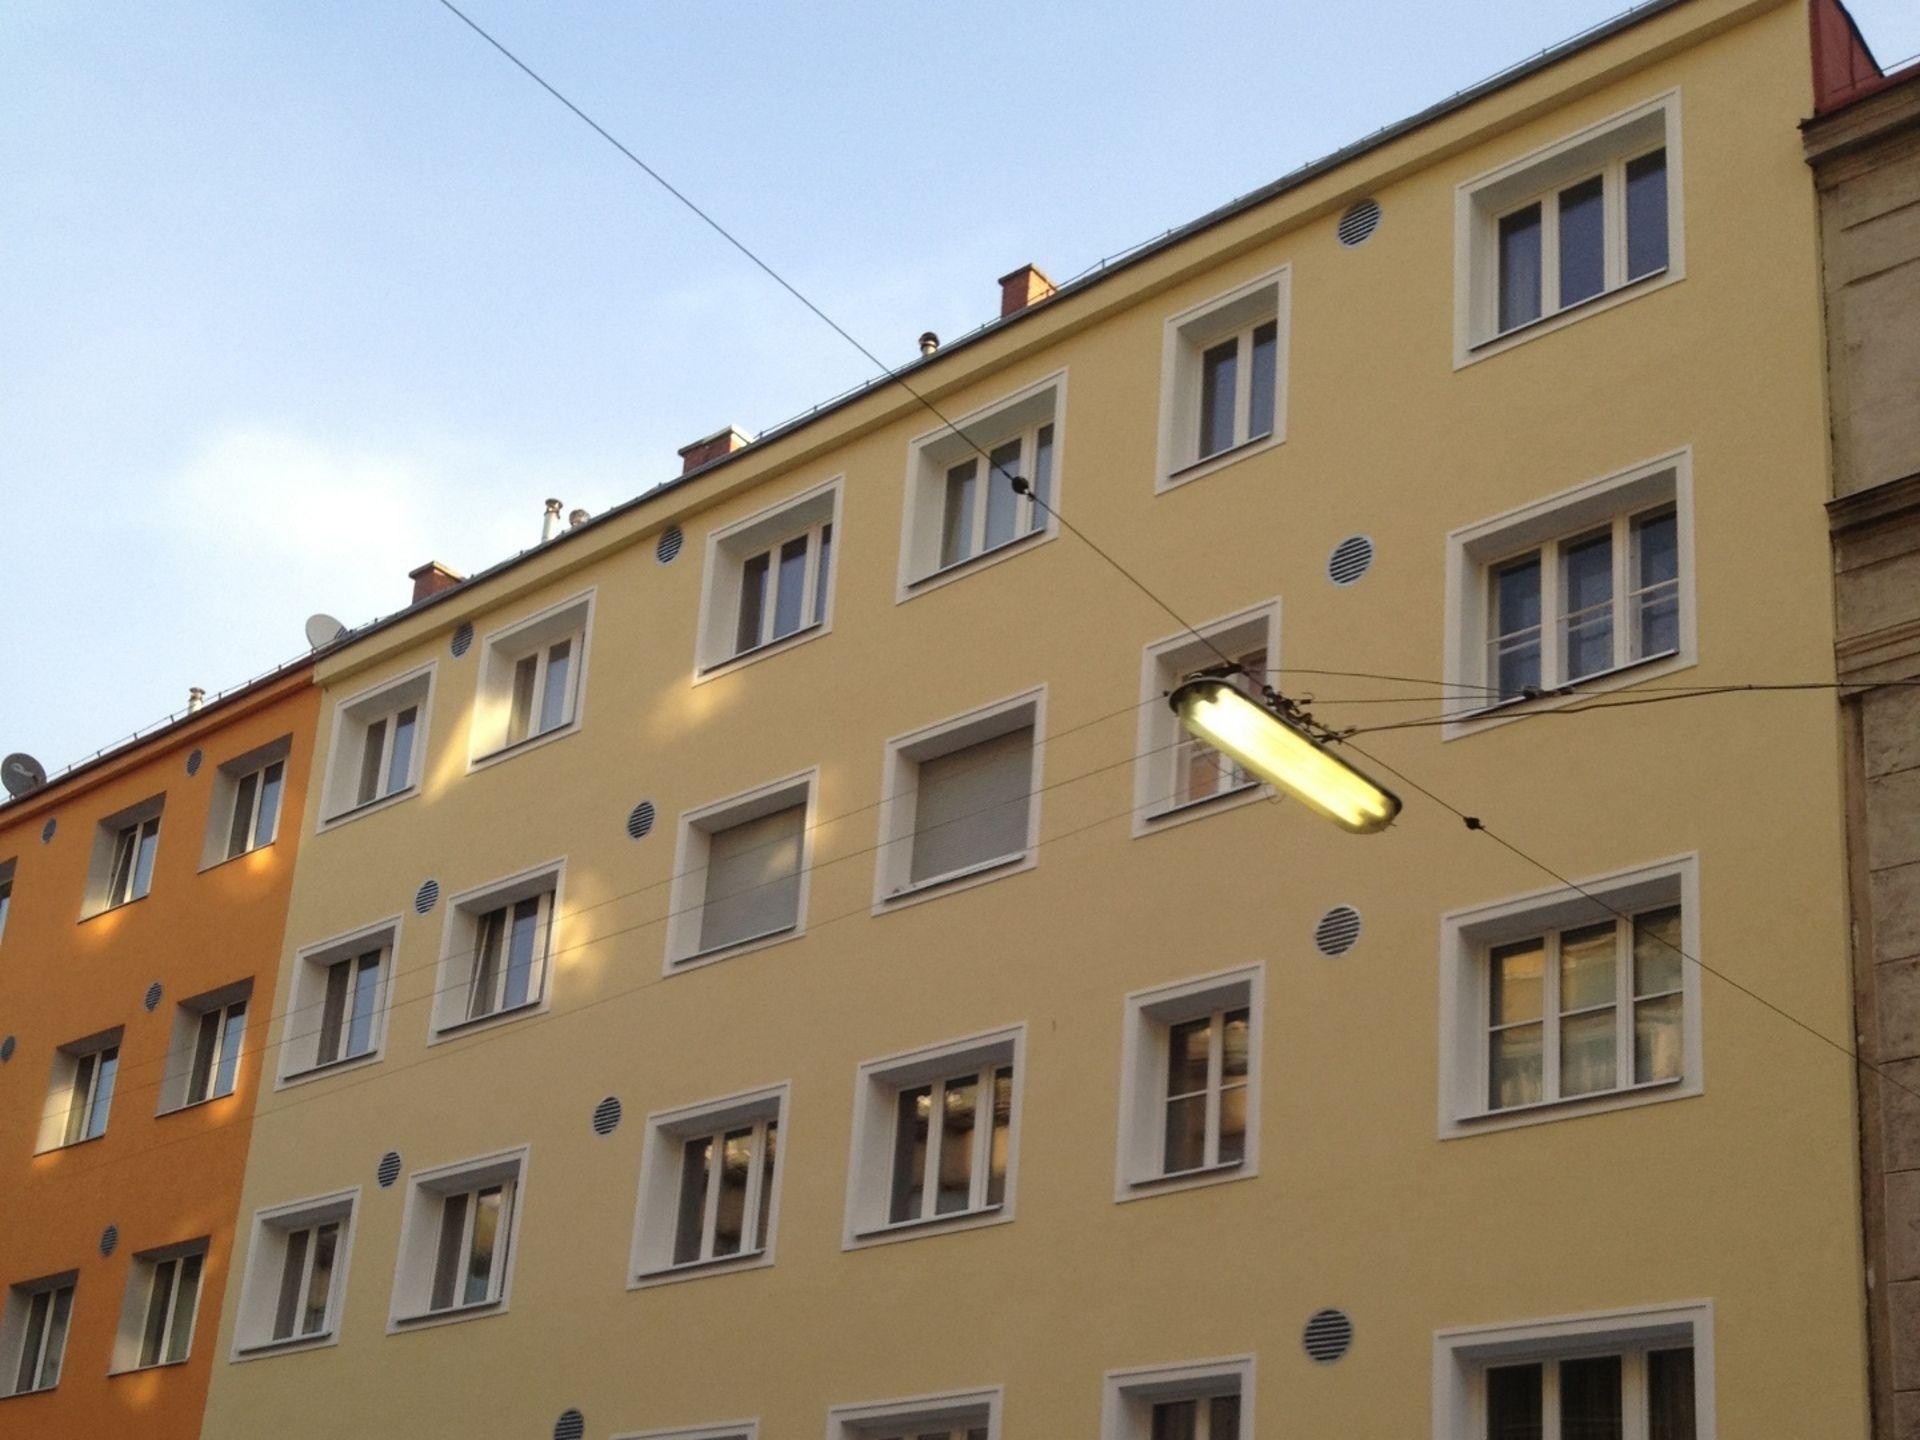 Krebsgartengasse, 1150 Wien